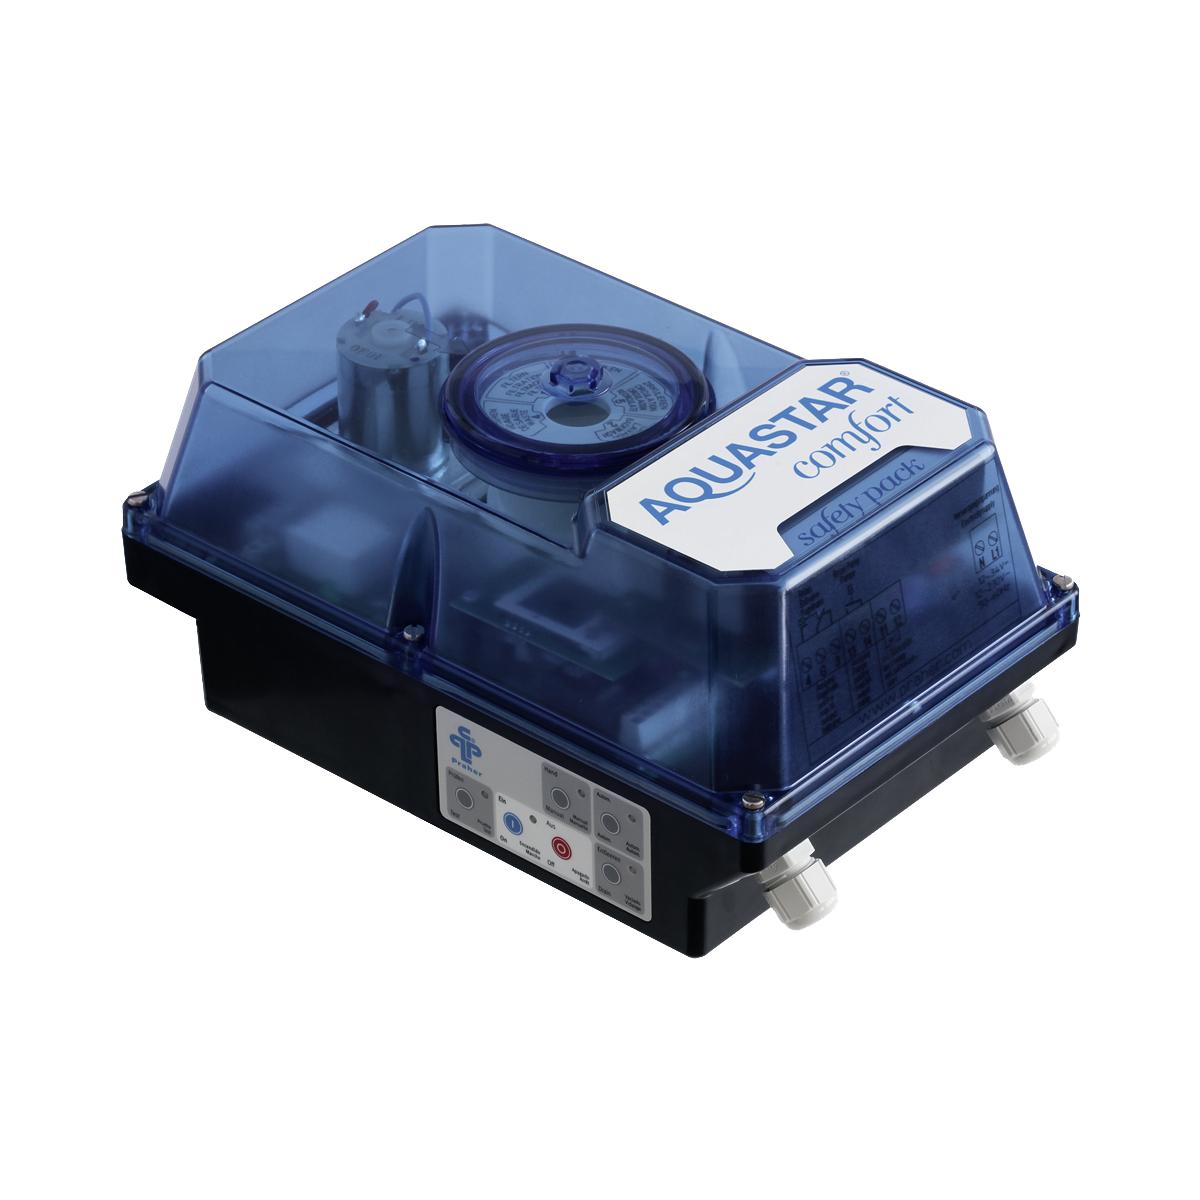 """AquaStar Comfort 3001-24 für Ocean V6 ND 1 1/2"""" + 2"""" 24V AC/DC SafetyPack, Zeit-Uhr AquaStar Comfort 3001-24 für Ocean V6 ND 1 1/2"""" + 2"""" 24V AC/DC SafetyPack, Zeit-Uhr"""